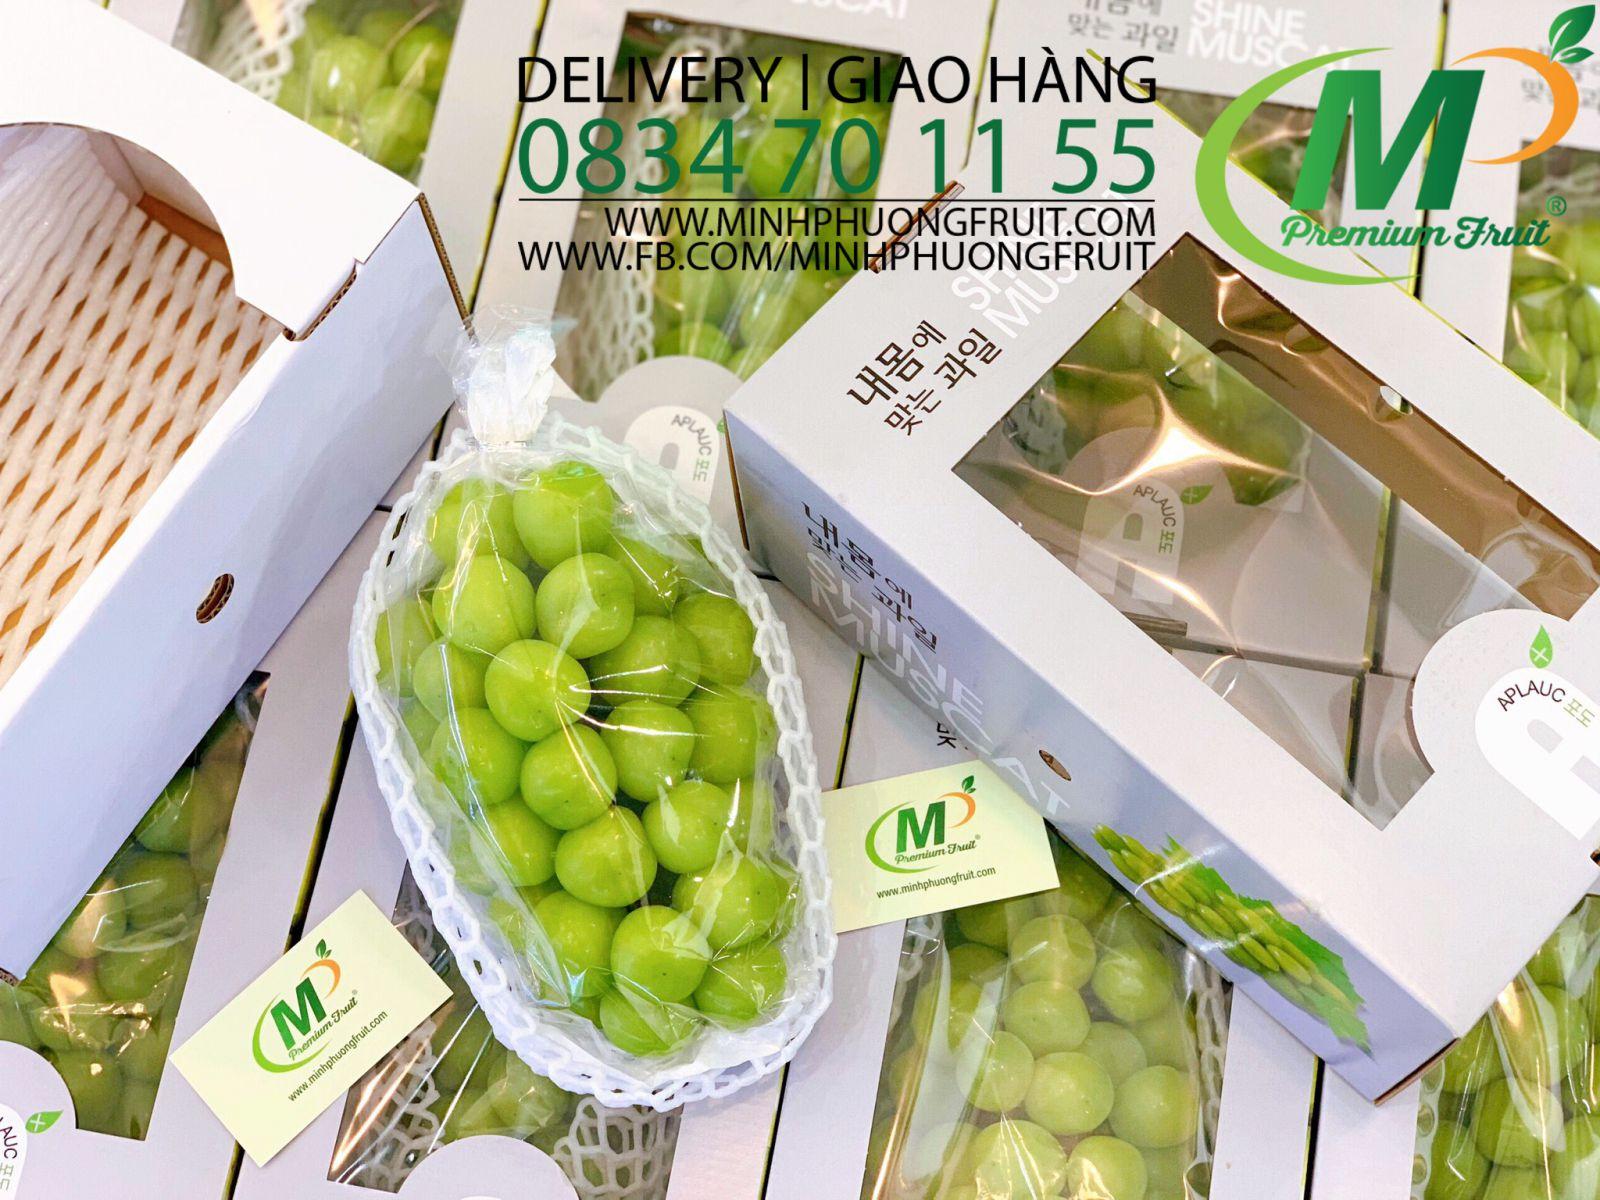 Nho Mẫu Đơn Shine Muscat Hàn Quốc - Hàng Premium 1 Hộp 1 chùm 1,2kg - MP Fruit